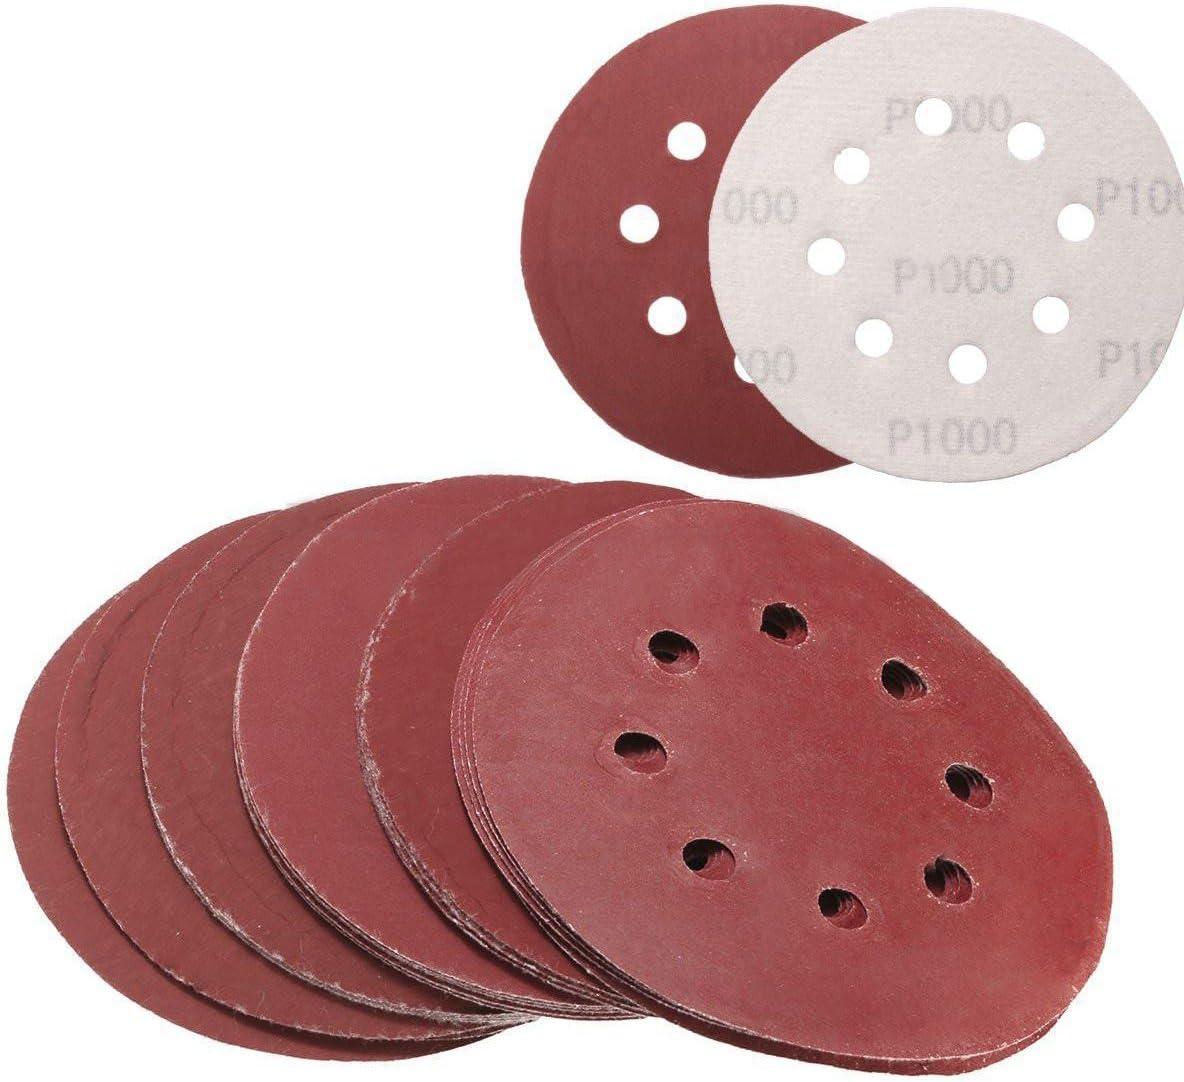 RETYLY 25 Piezas Discos de Lijado de 5 Pulgadas 125 Mm Papel de Lija de 8 Agujeros 800 1000 1200 1500 2000 Grano